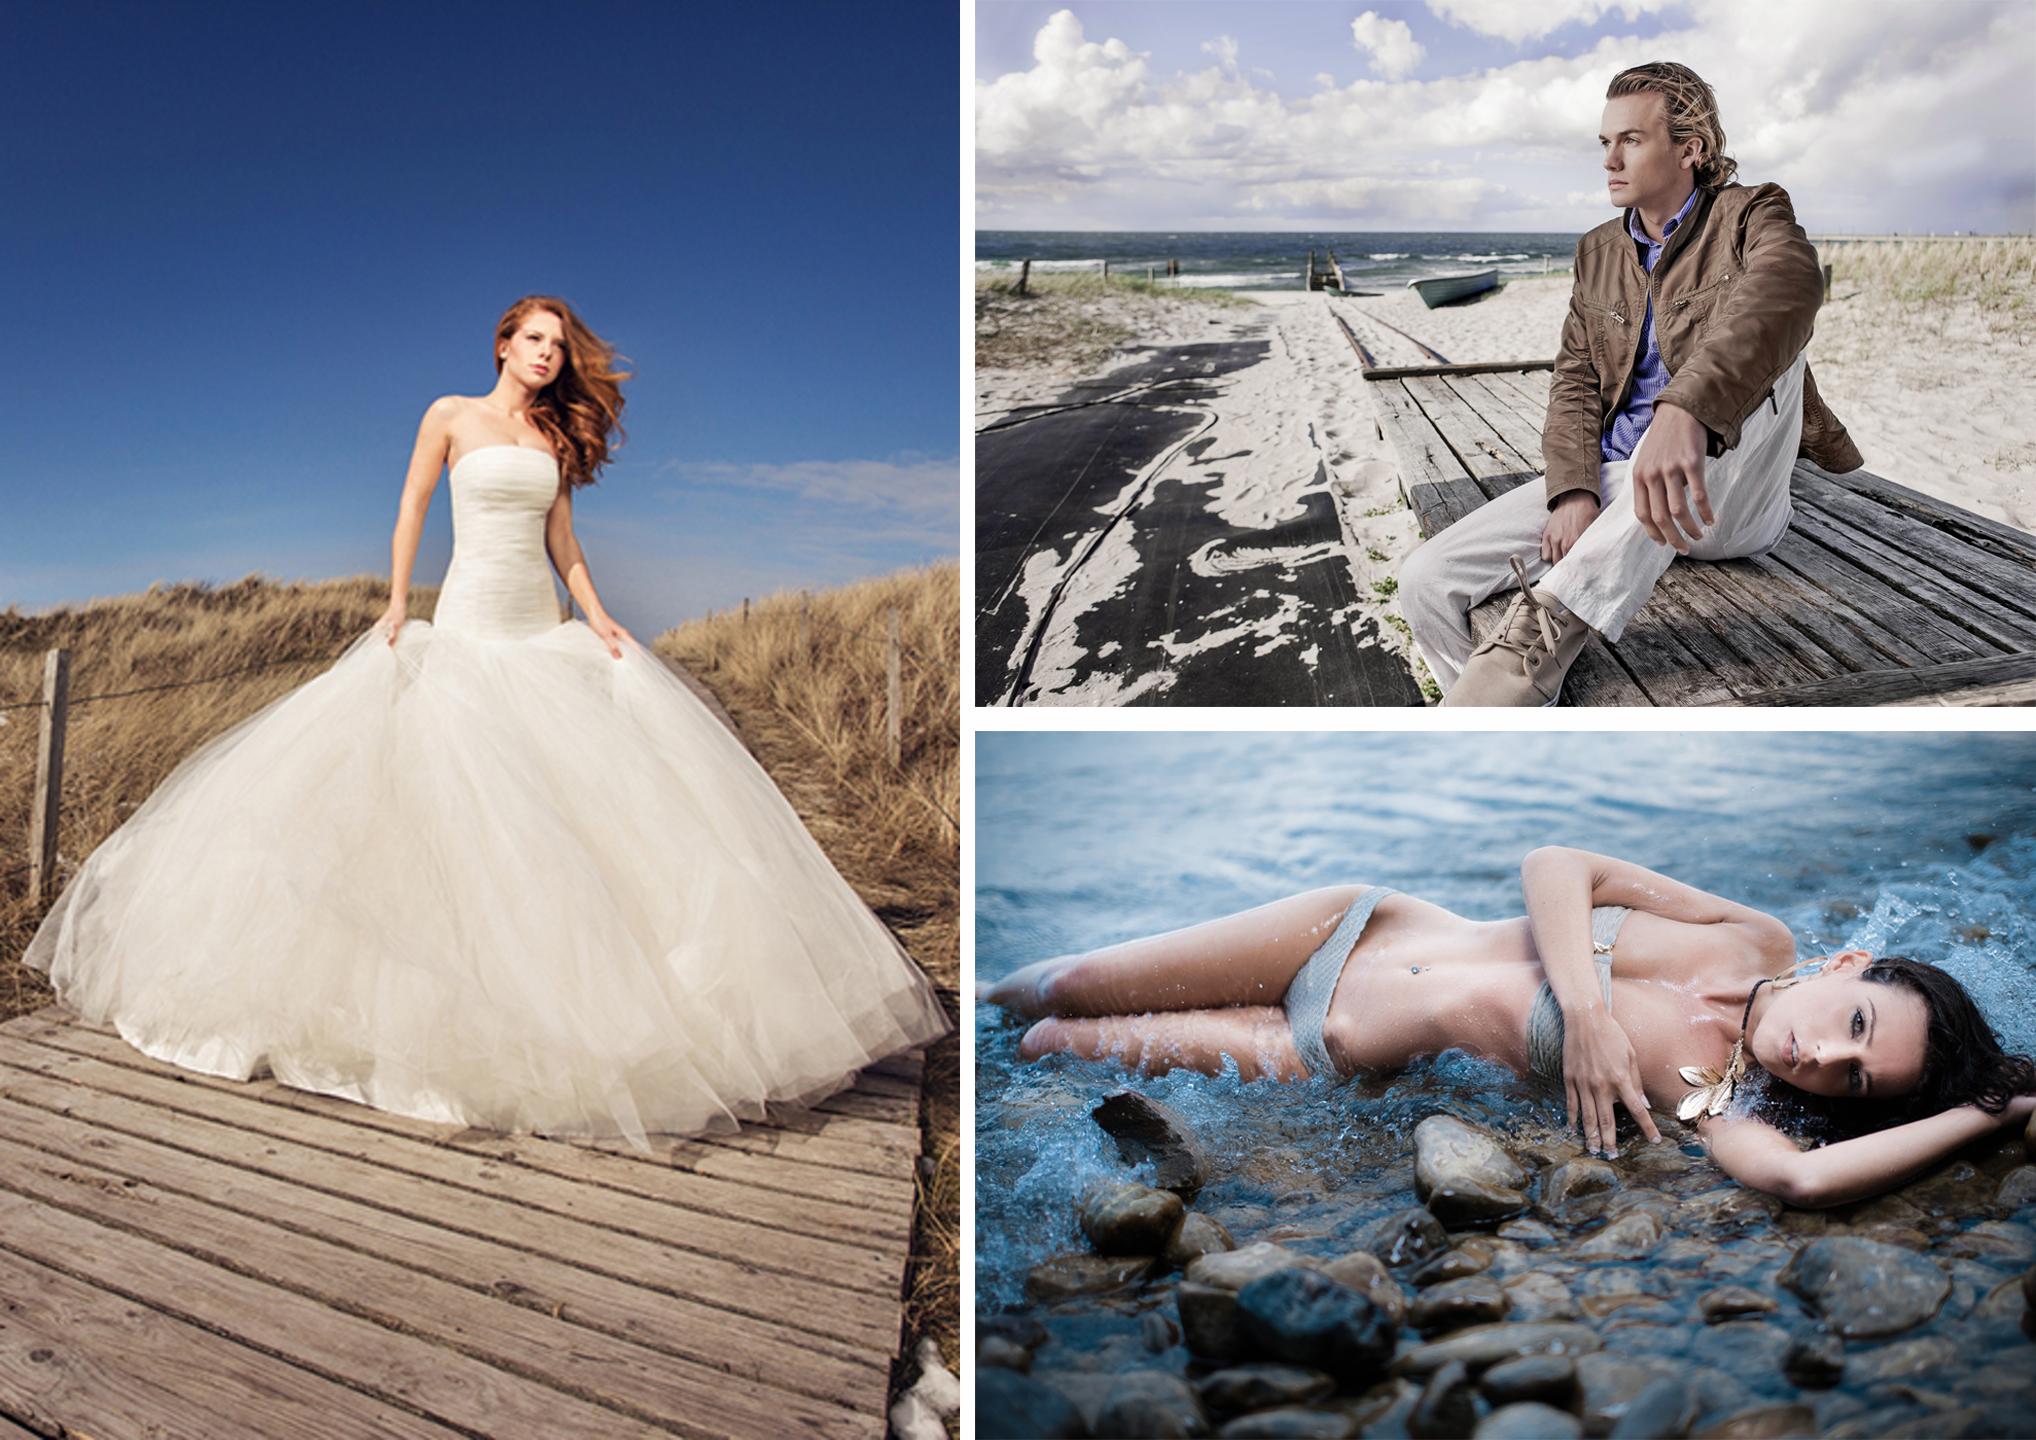 Collage © Krolop & Gerst